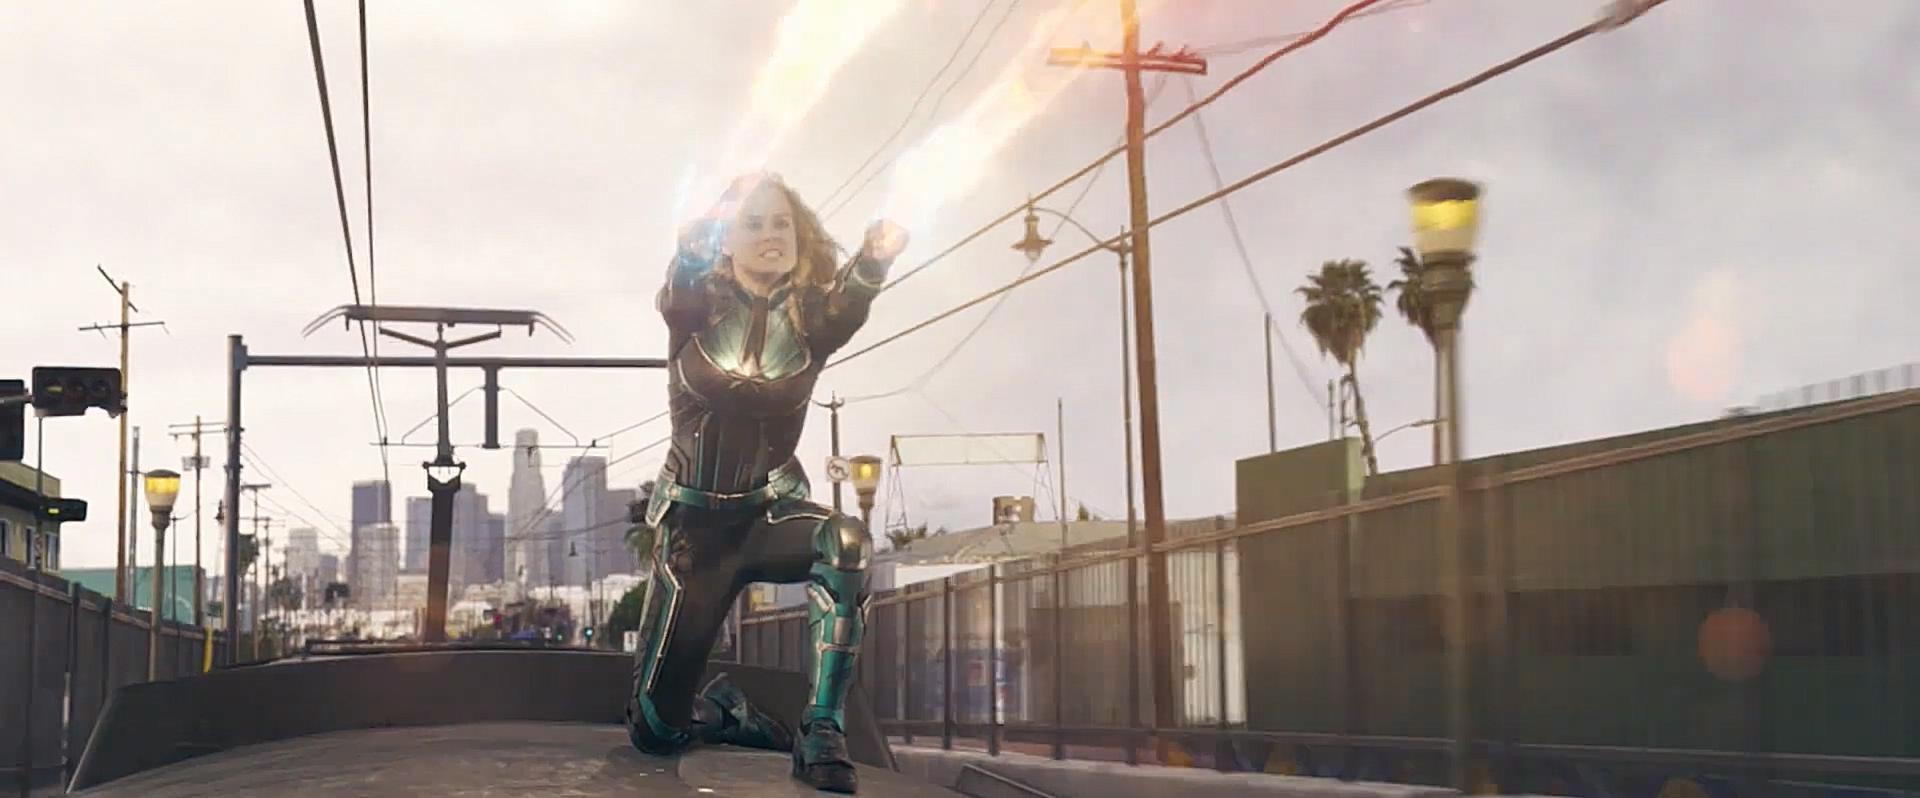 #电影最前线#《惊奇队长》预告,卡罗尔霸气展示超能力,骄傲的小眼神太逗了